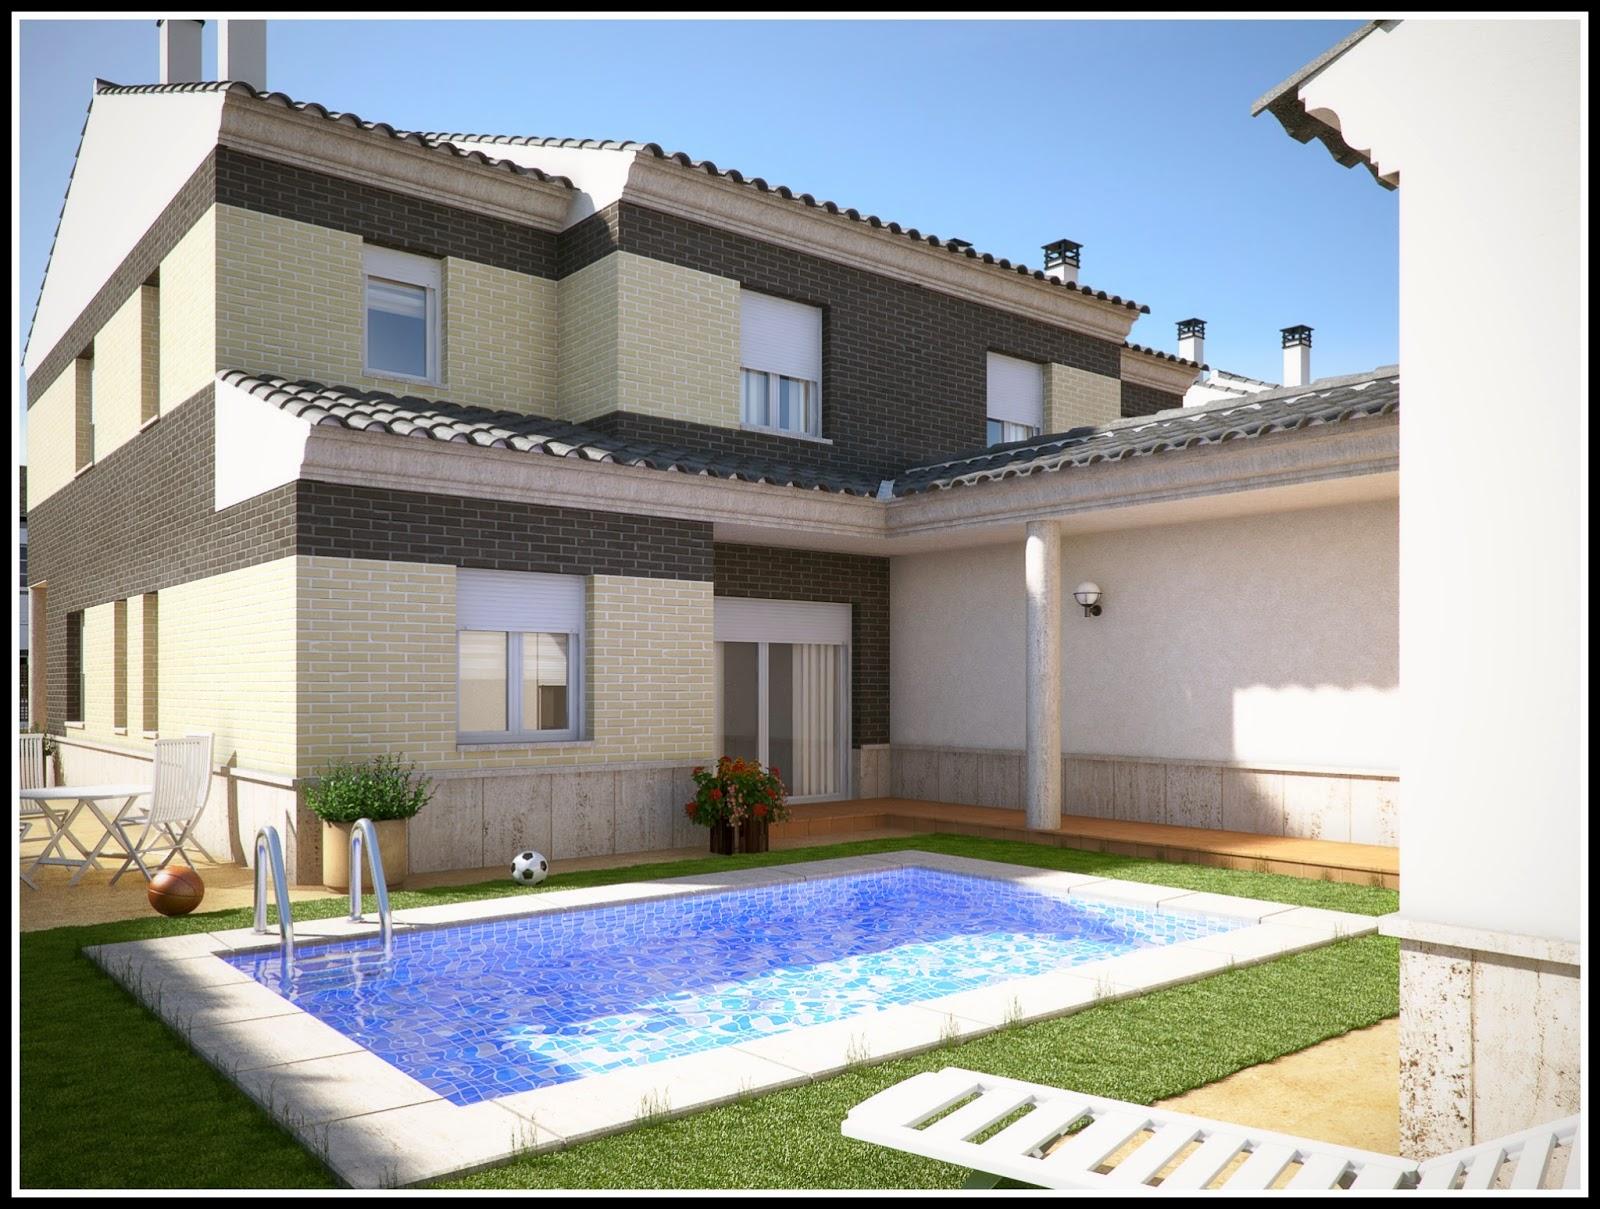 Casas y casetas prefabricadas de hormig n armado trabajos en vertical publicidad fachadas - Casas modulares madrid ...